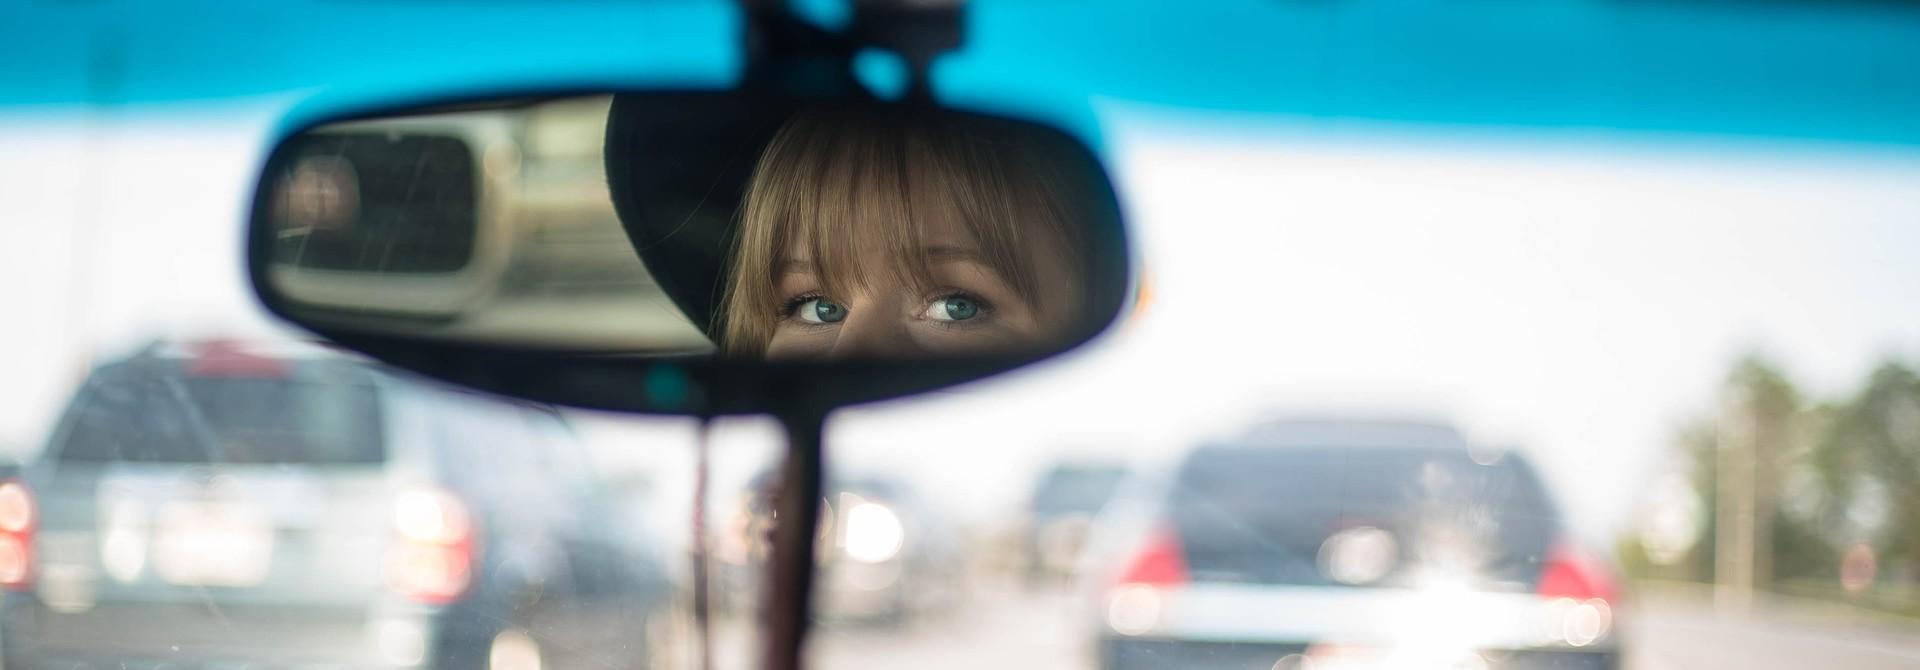 Peuters en autogordels | Bubblebum NL